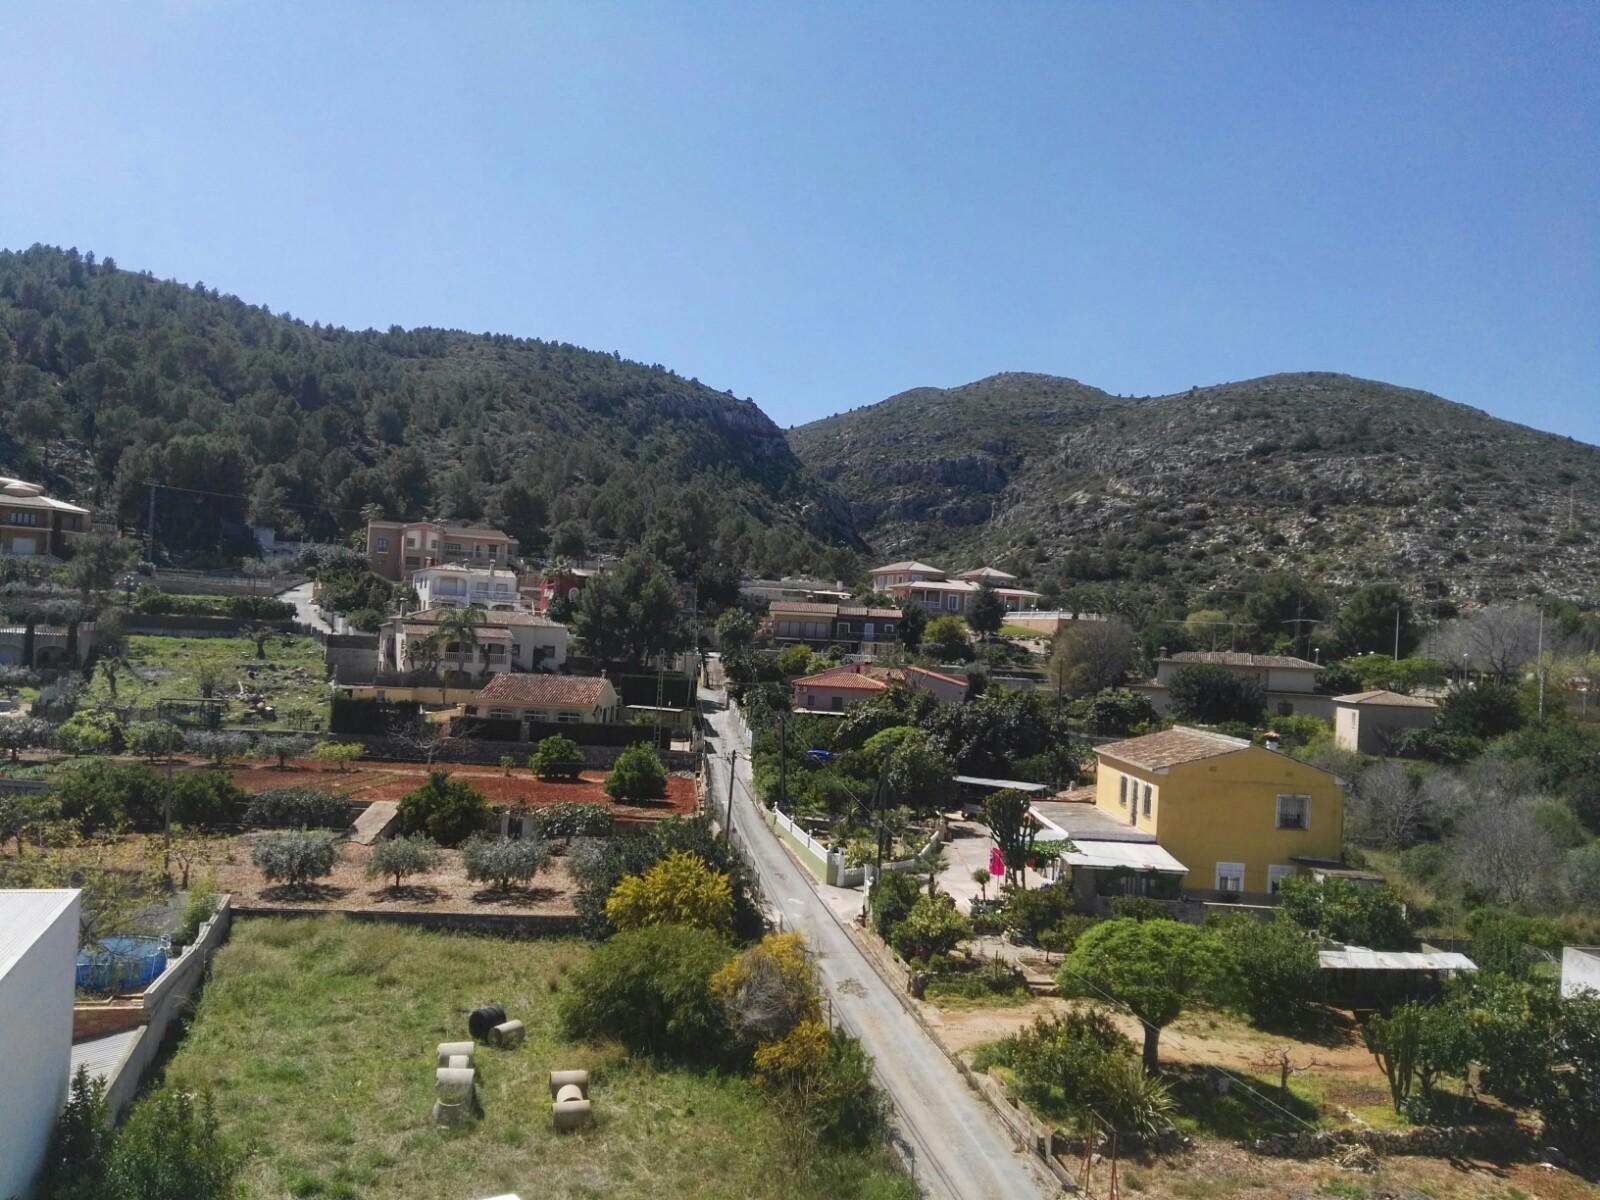 Piso en venta en Pedreguer, Pedreguer, Alicante, Calle D`alacant, 36.000 €, 2 habitaciones, 1 baño, 94 m2